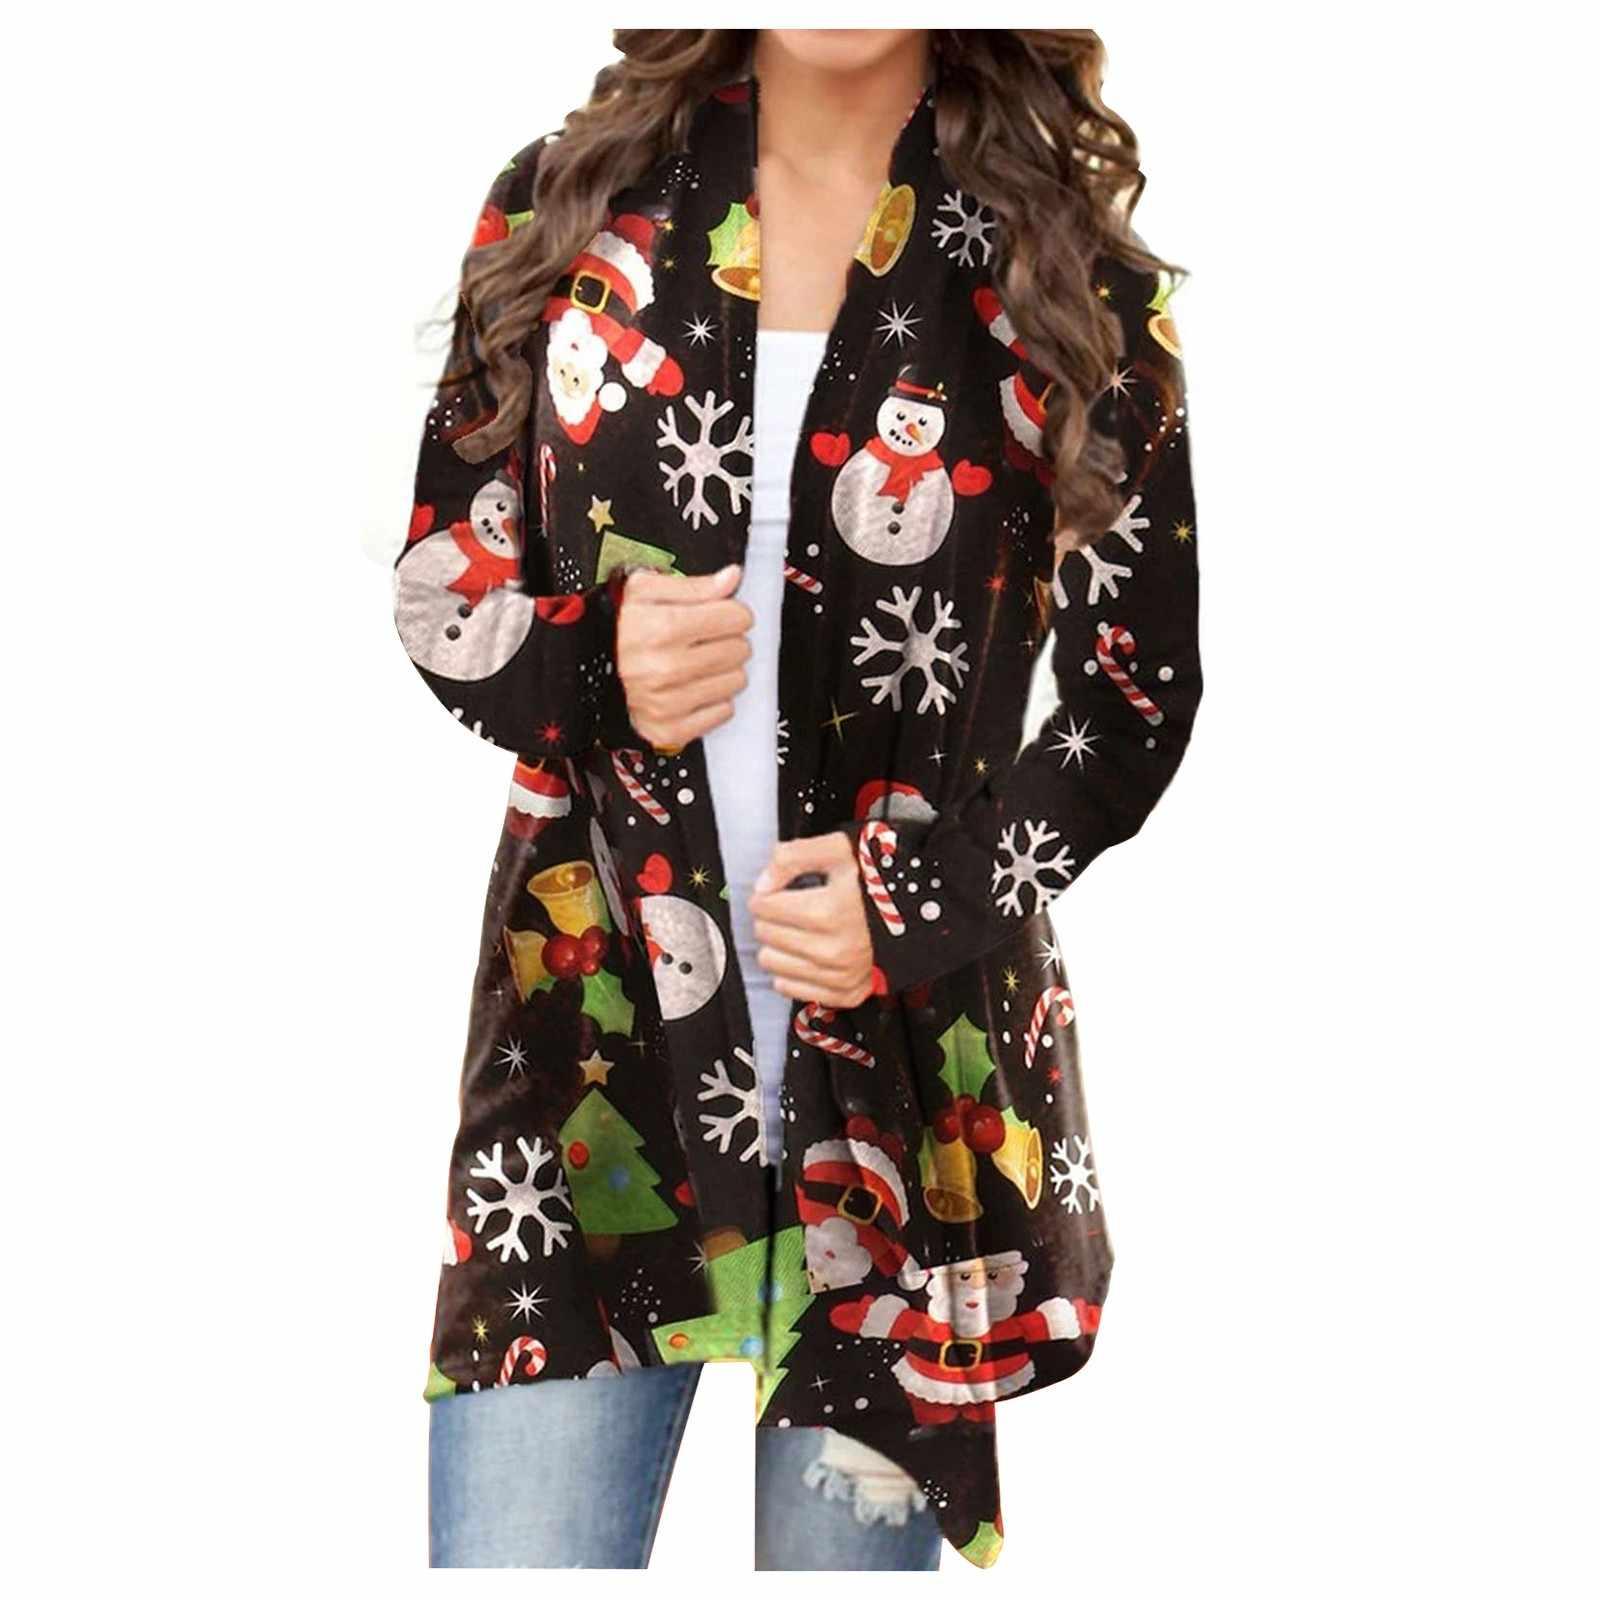 Women Lovely Snowman Jacket Women Long Sweater Cardigans 2020 Winter Warm Vintage Jumper Coat Christmas T2g Aliexpress